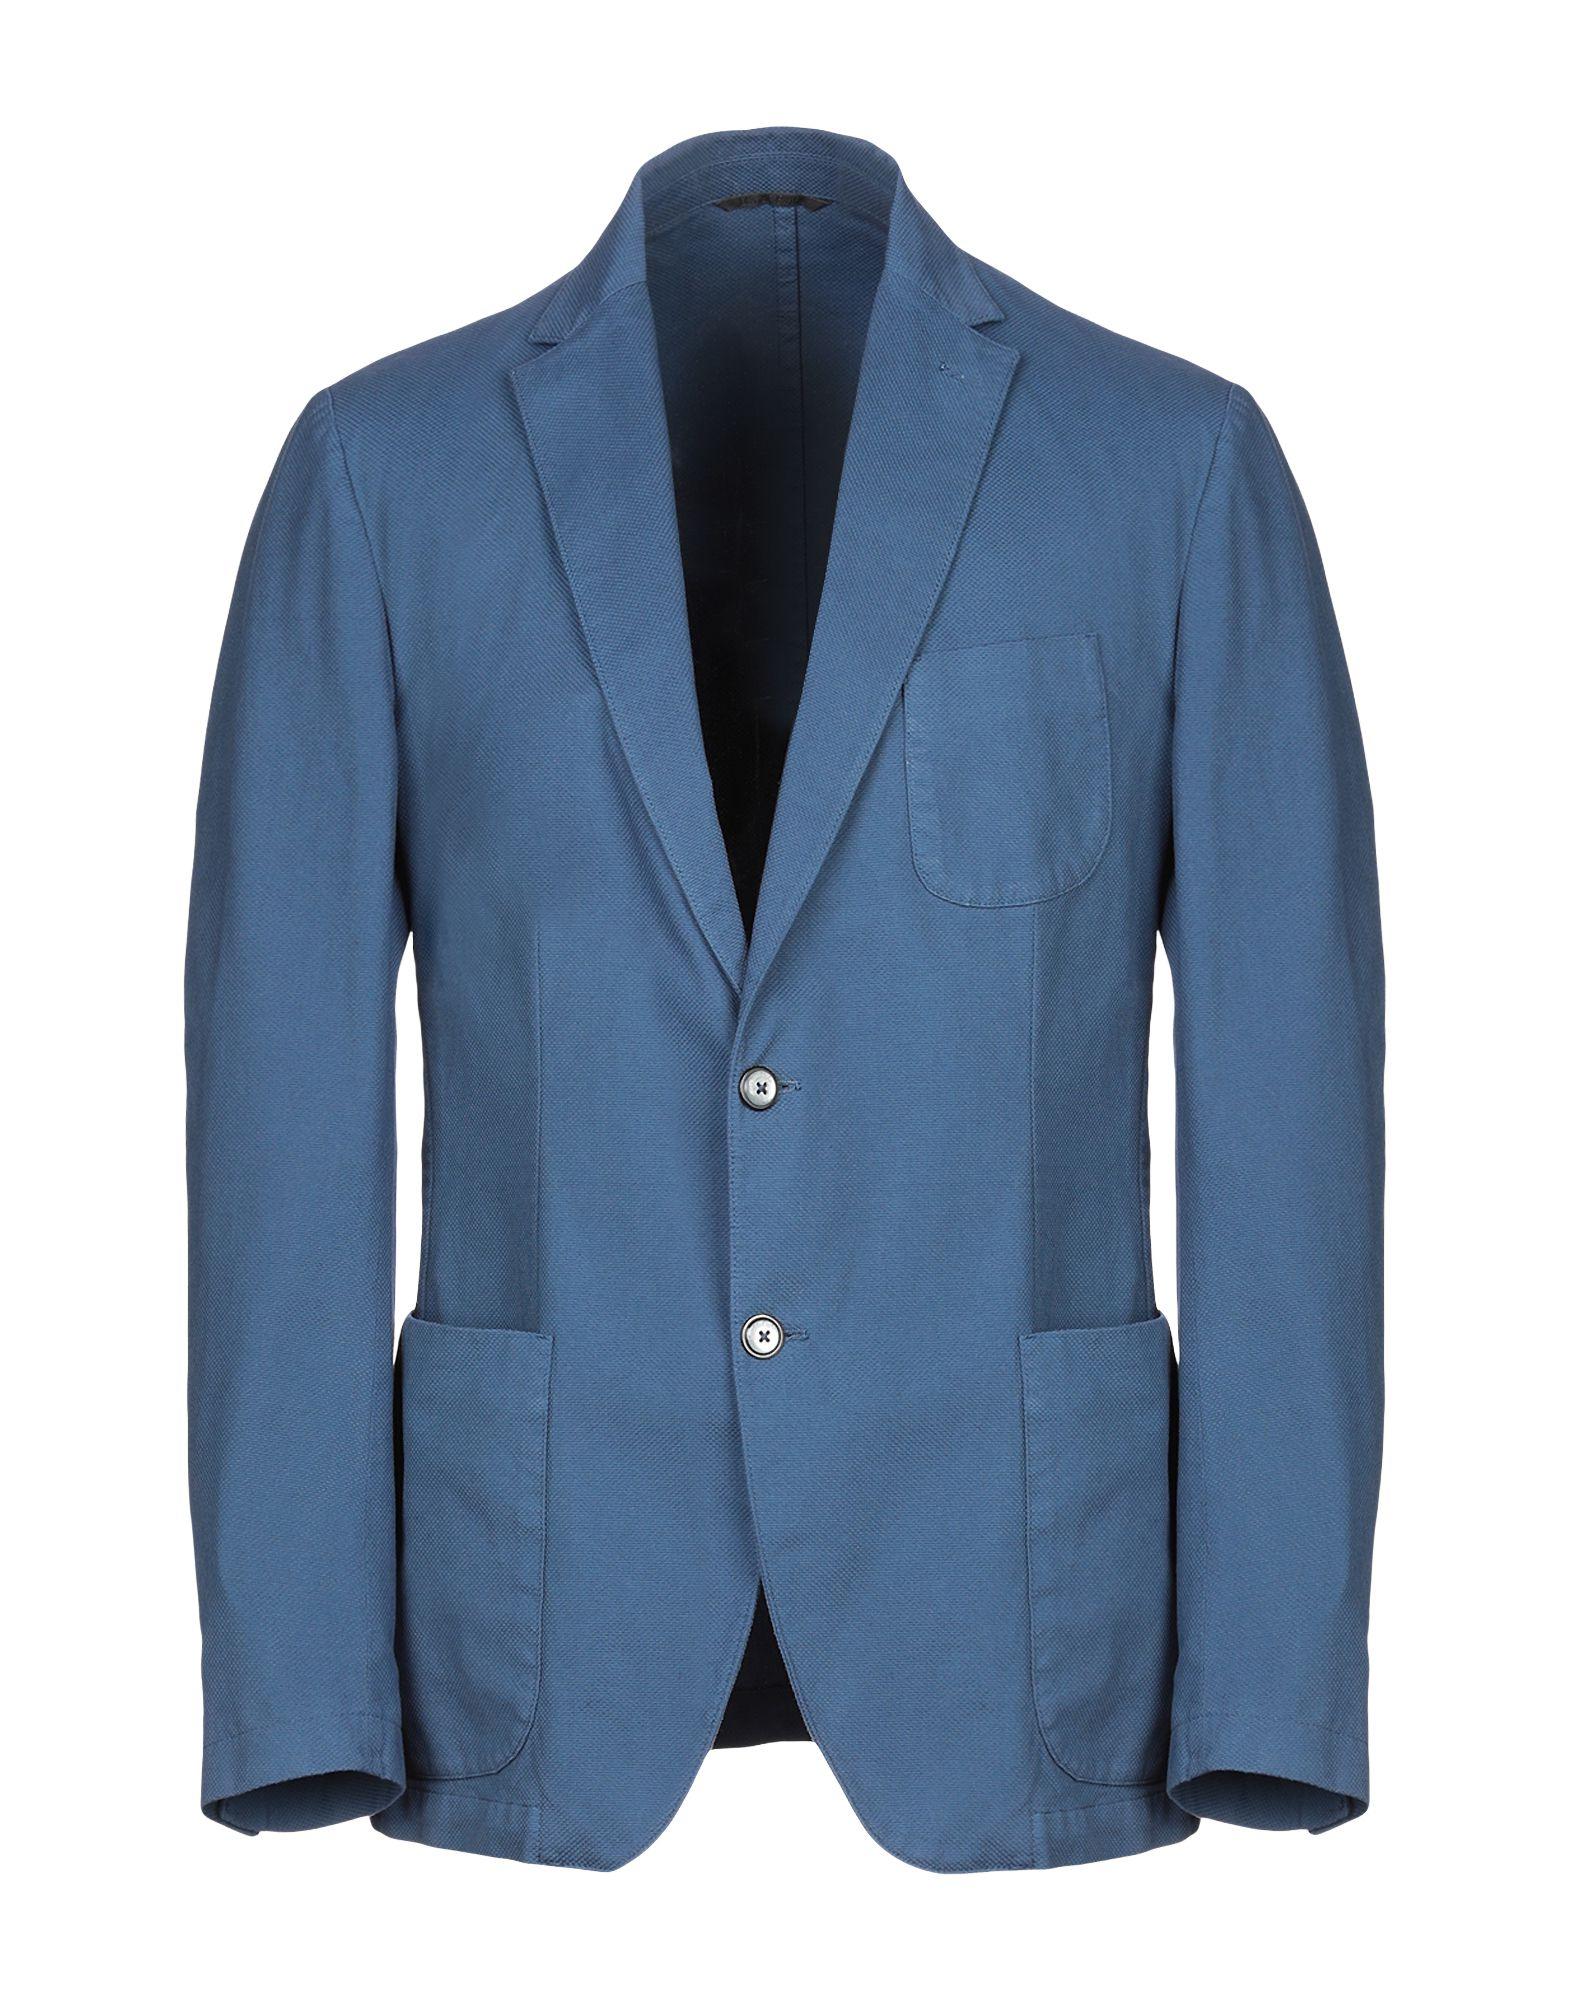 《期間限定セール開催中!》DOUBLE EIGHT メンズ テーラードジャケット ブルーグレー 54 コットン 98% / ポリウレタン 2%